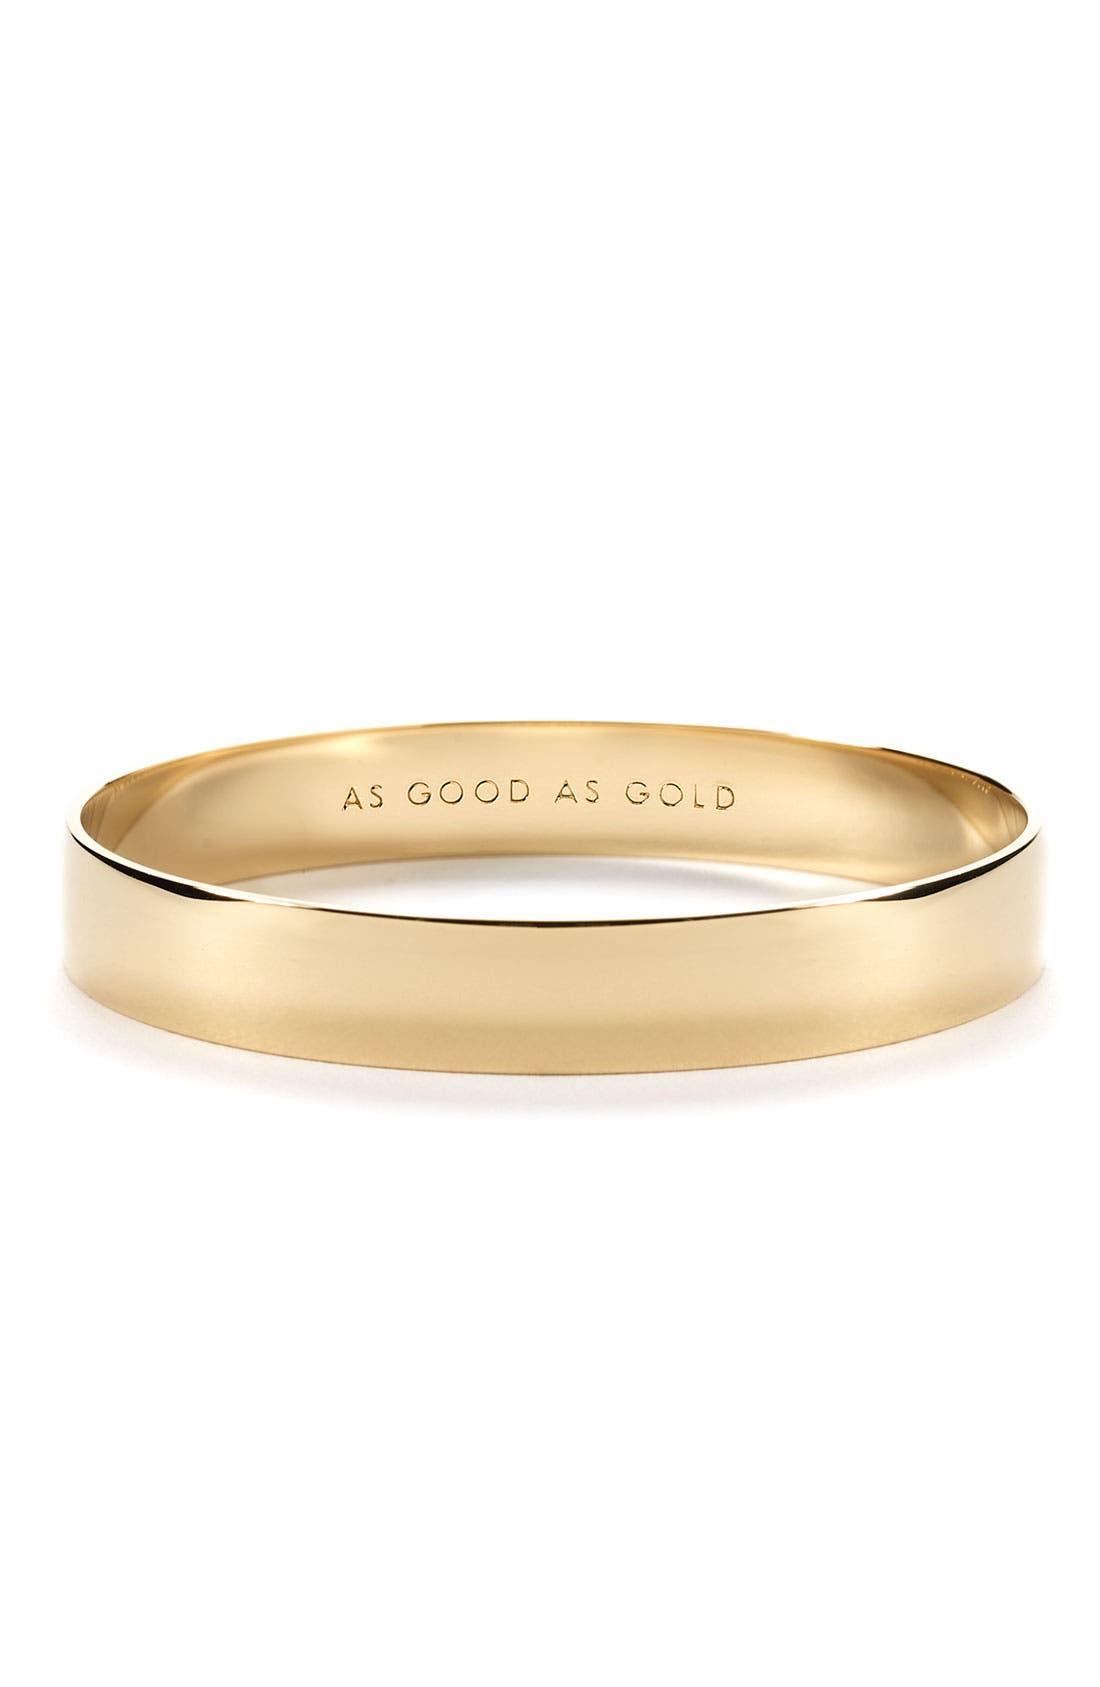 Main Image - kate spade new york 'idiom - good as gold' bangle